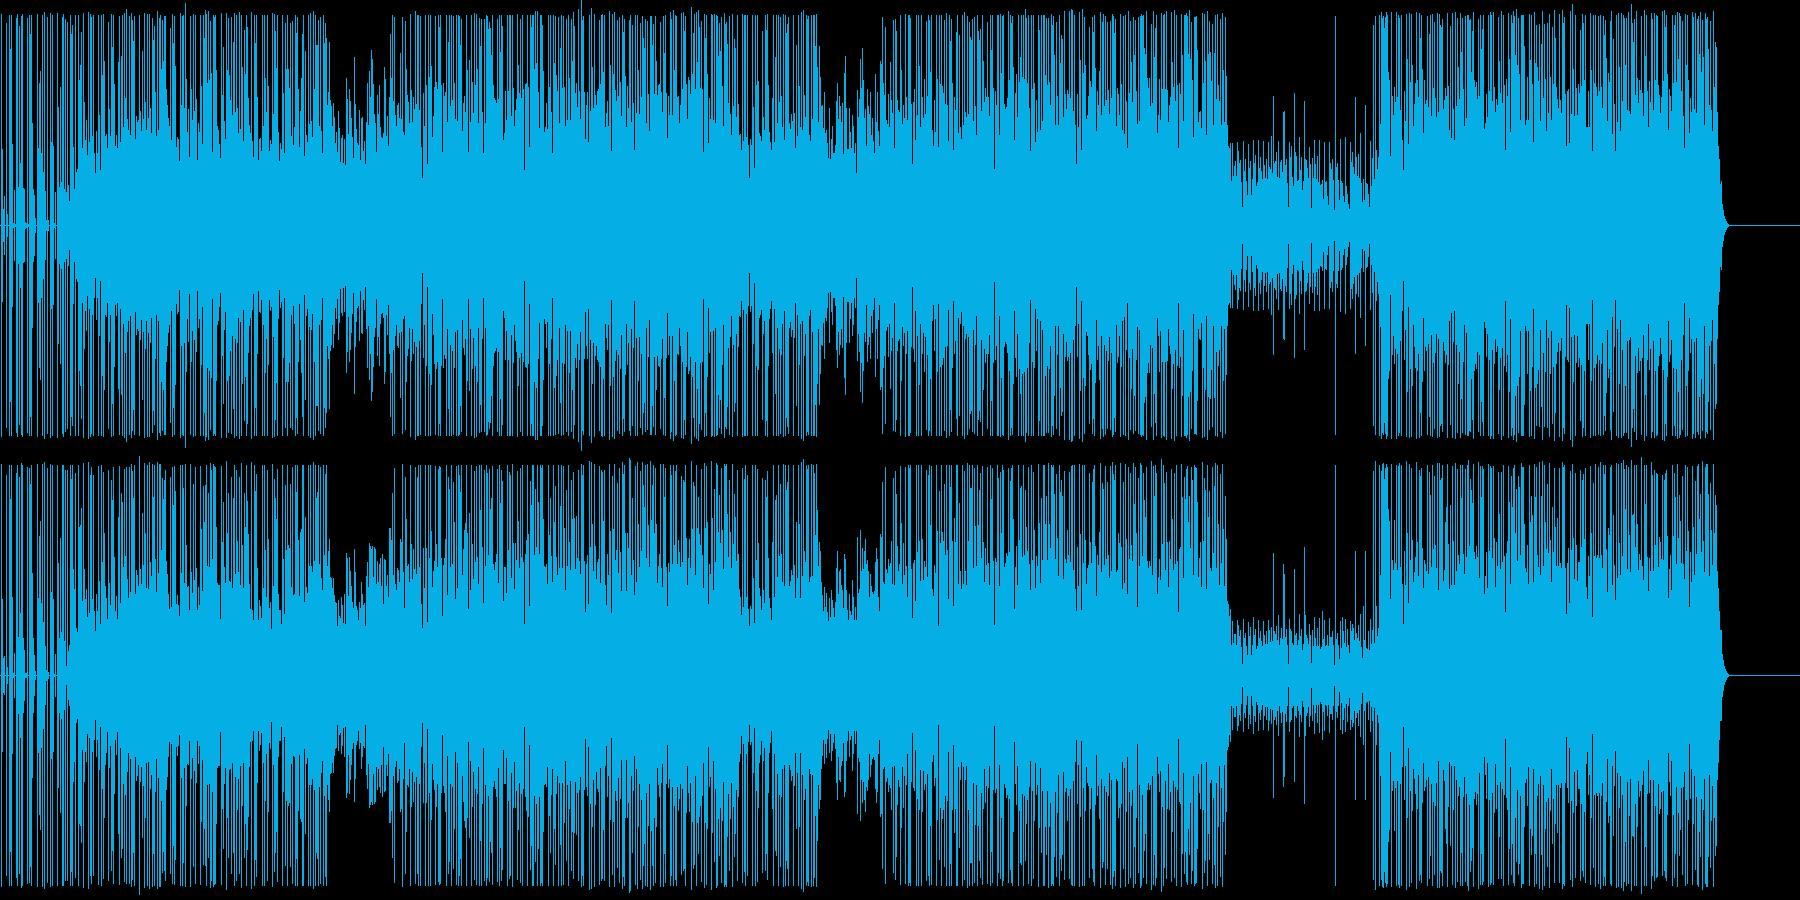 ピアノヒップホップ/ダーク/ビート/#2の再生済みの波形